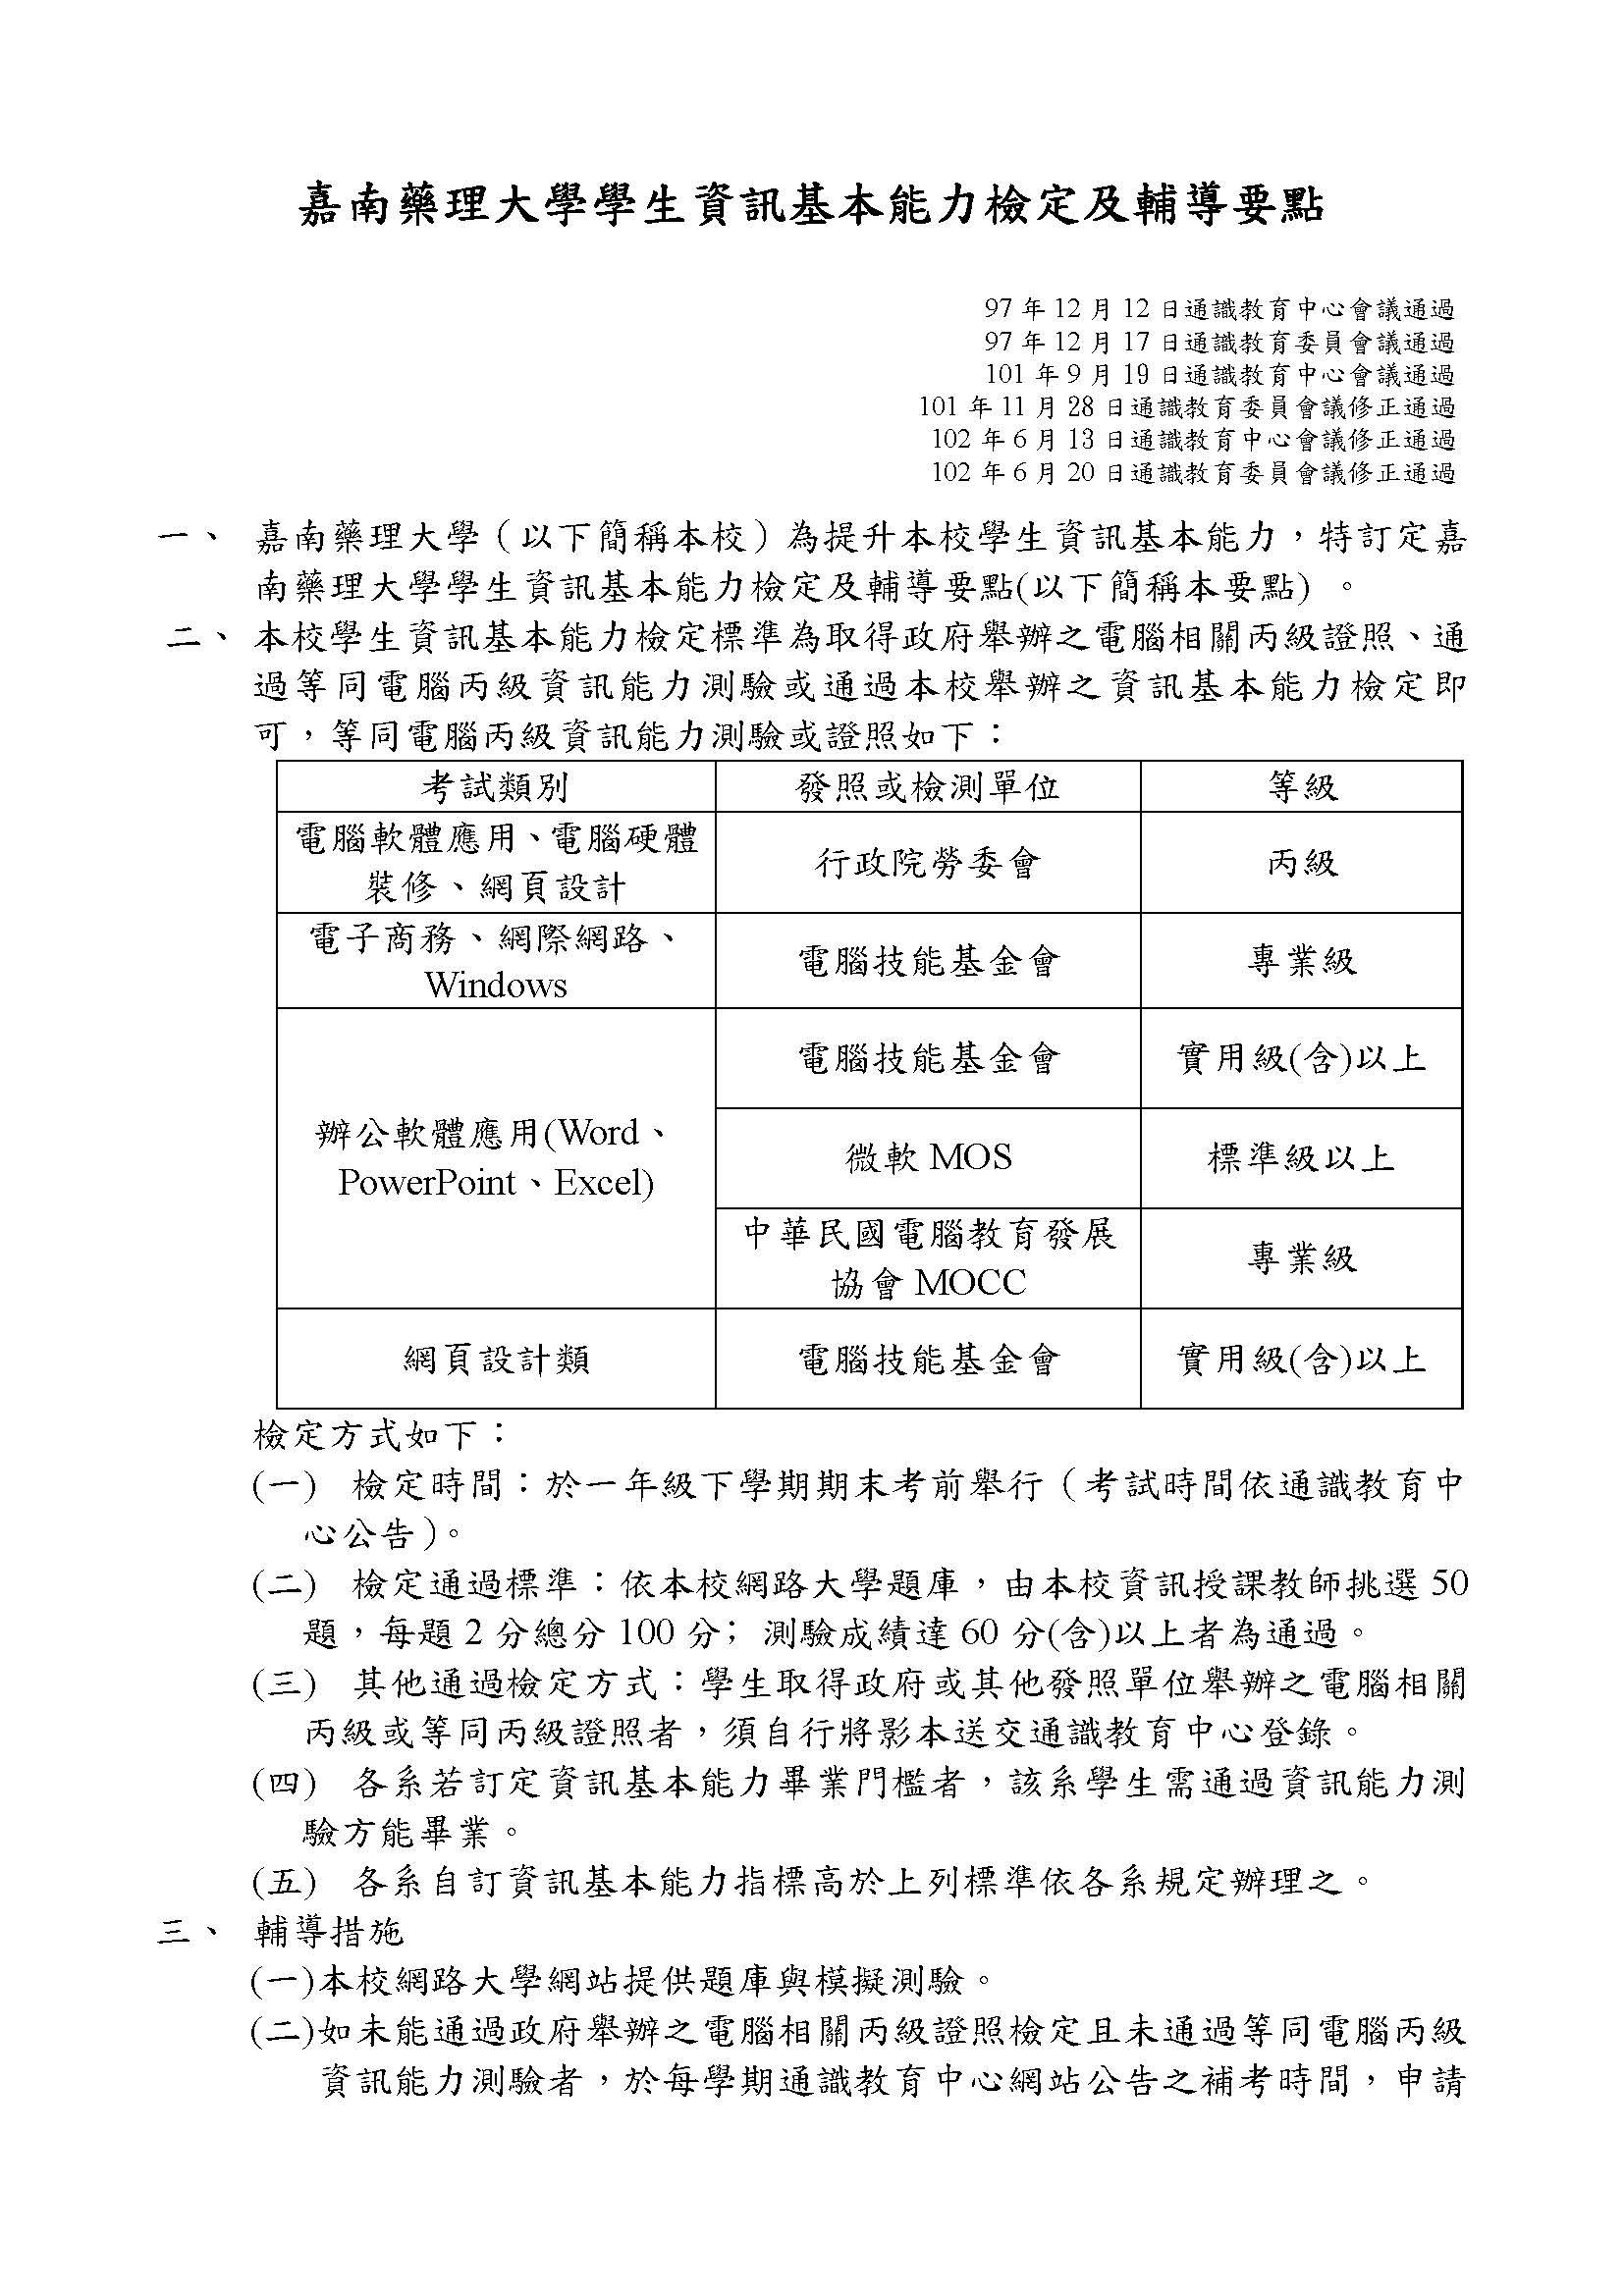 13資訊基本能力檢定及輔導要點102.06.20_頁面_1